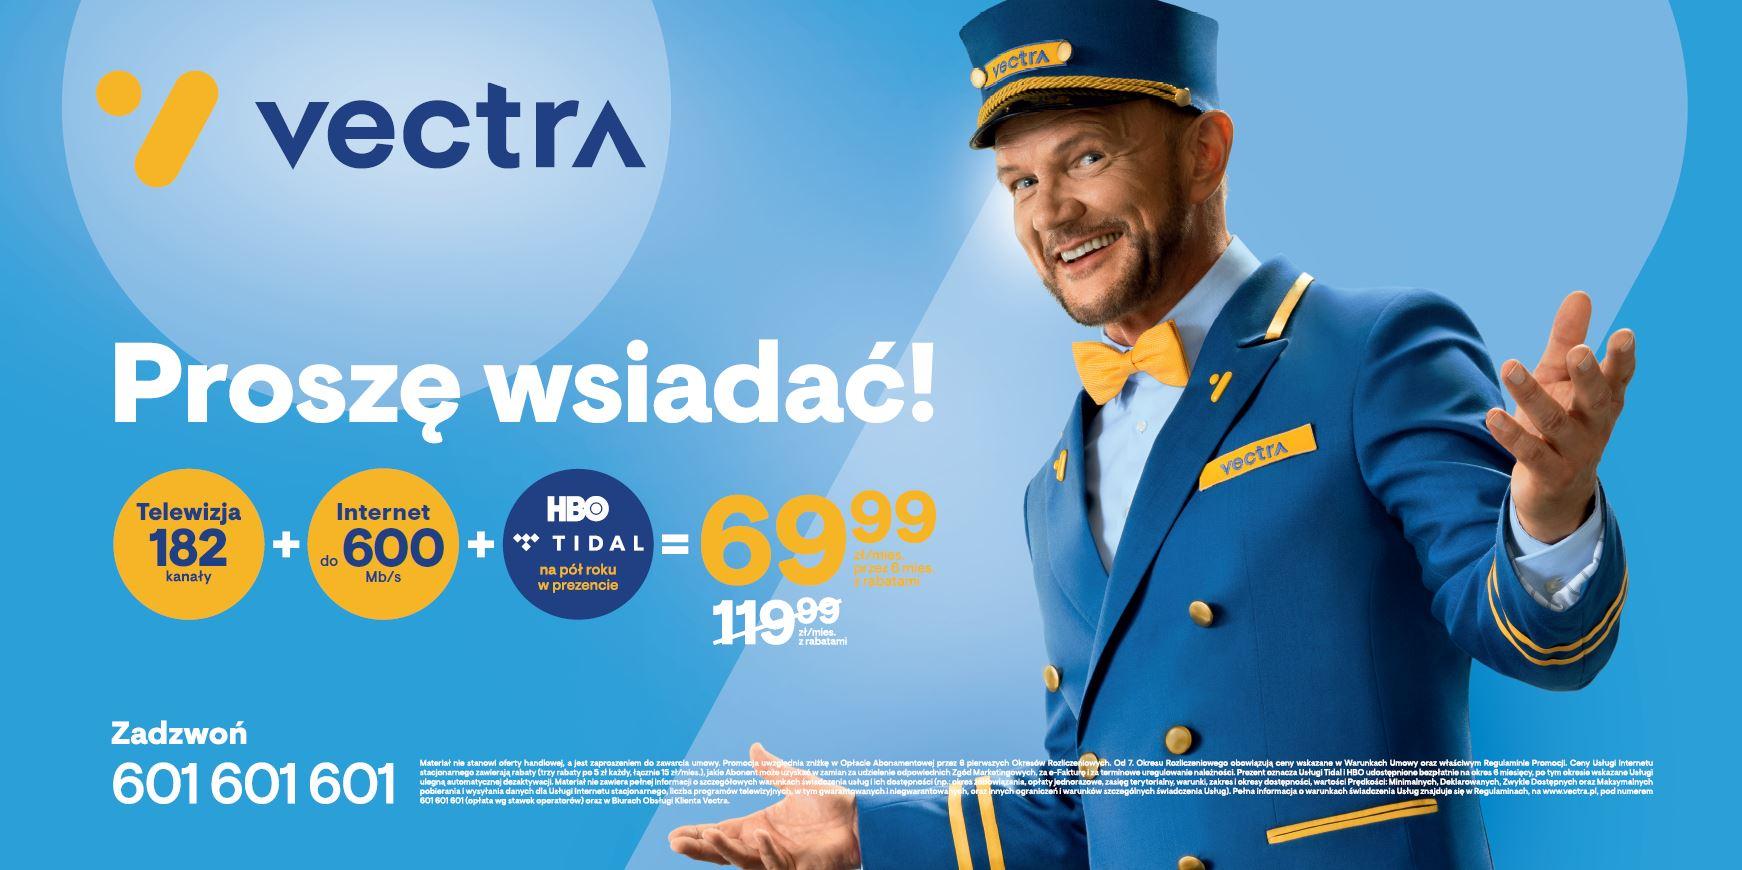 Vectra prezentuje nową ofertę z usługami Smart – startuje kampania z udziałem Cezarego Pazury